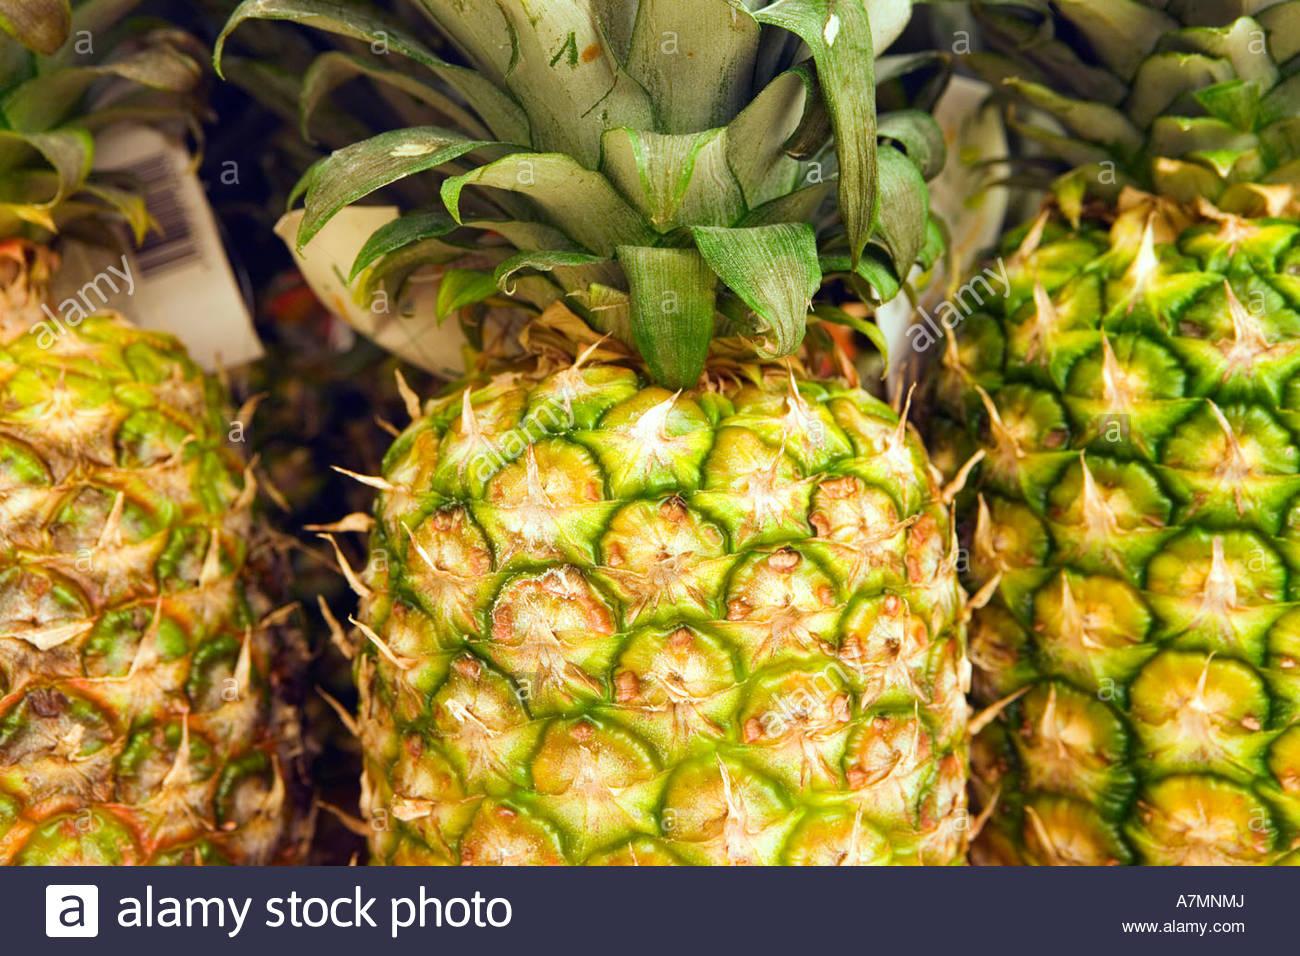 Auswahl von Ananas auf dem Display am Marktstand Nahaufnahme full-frame Stockbild